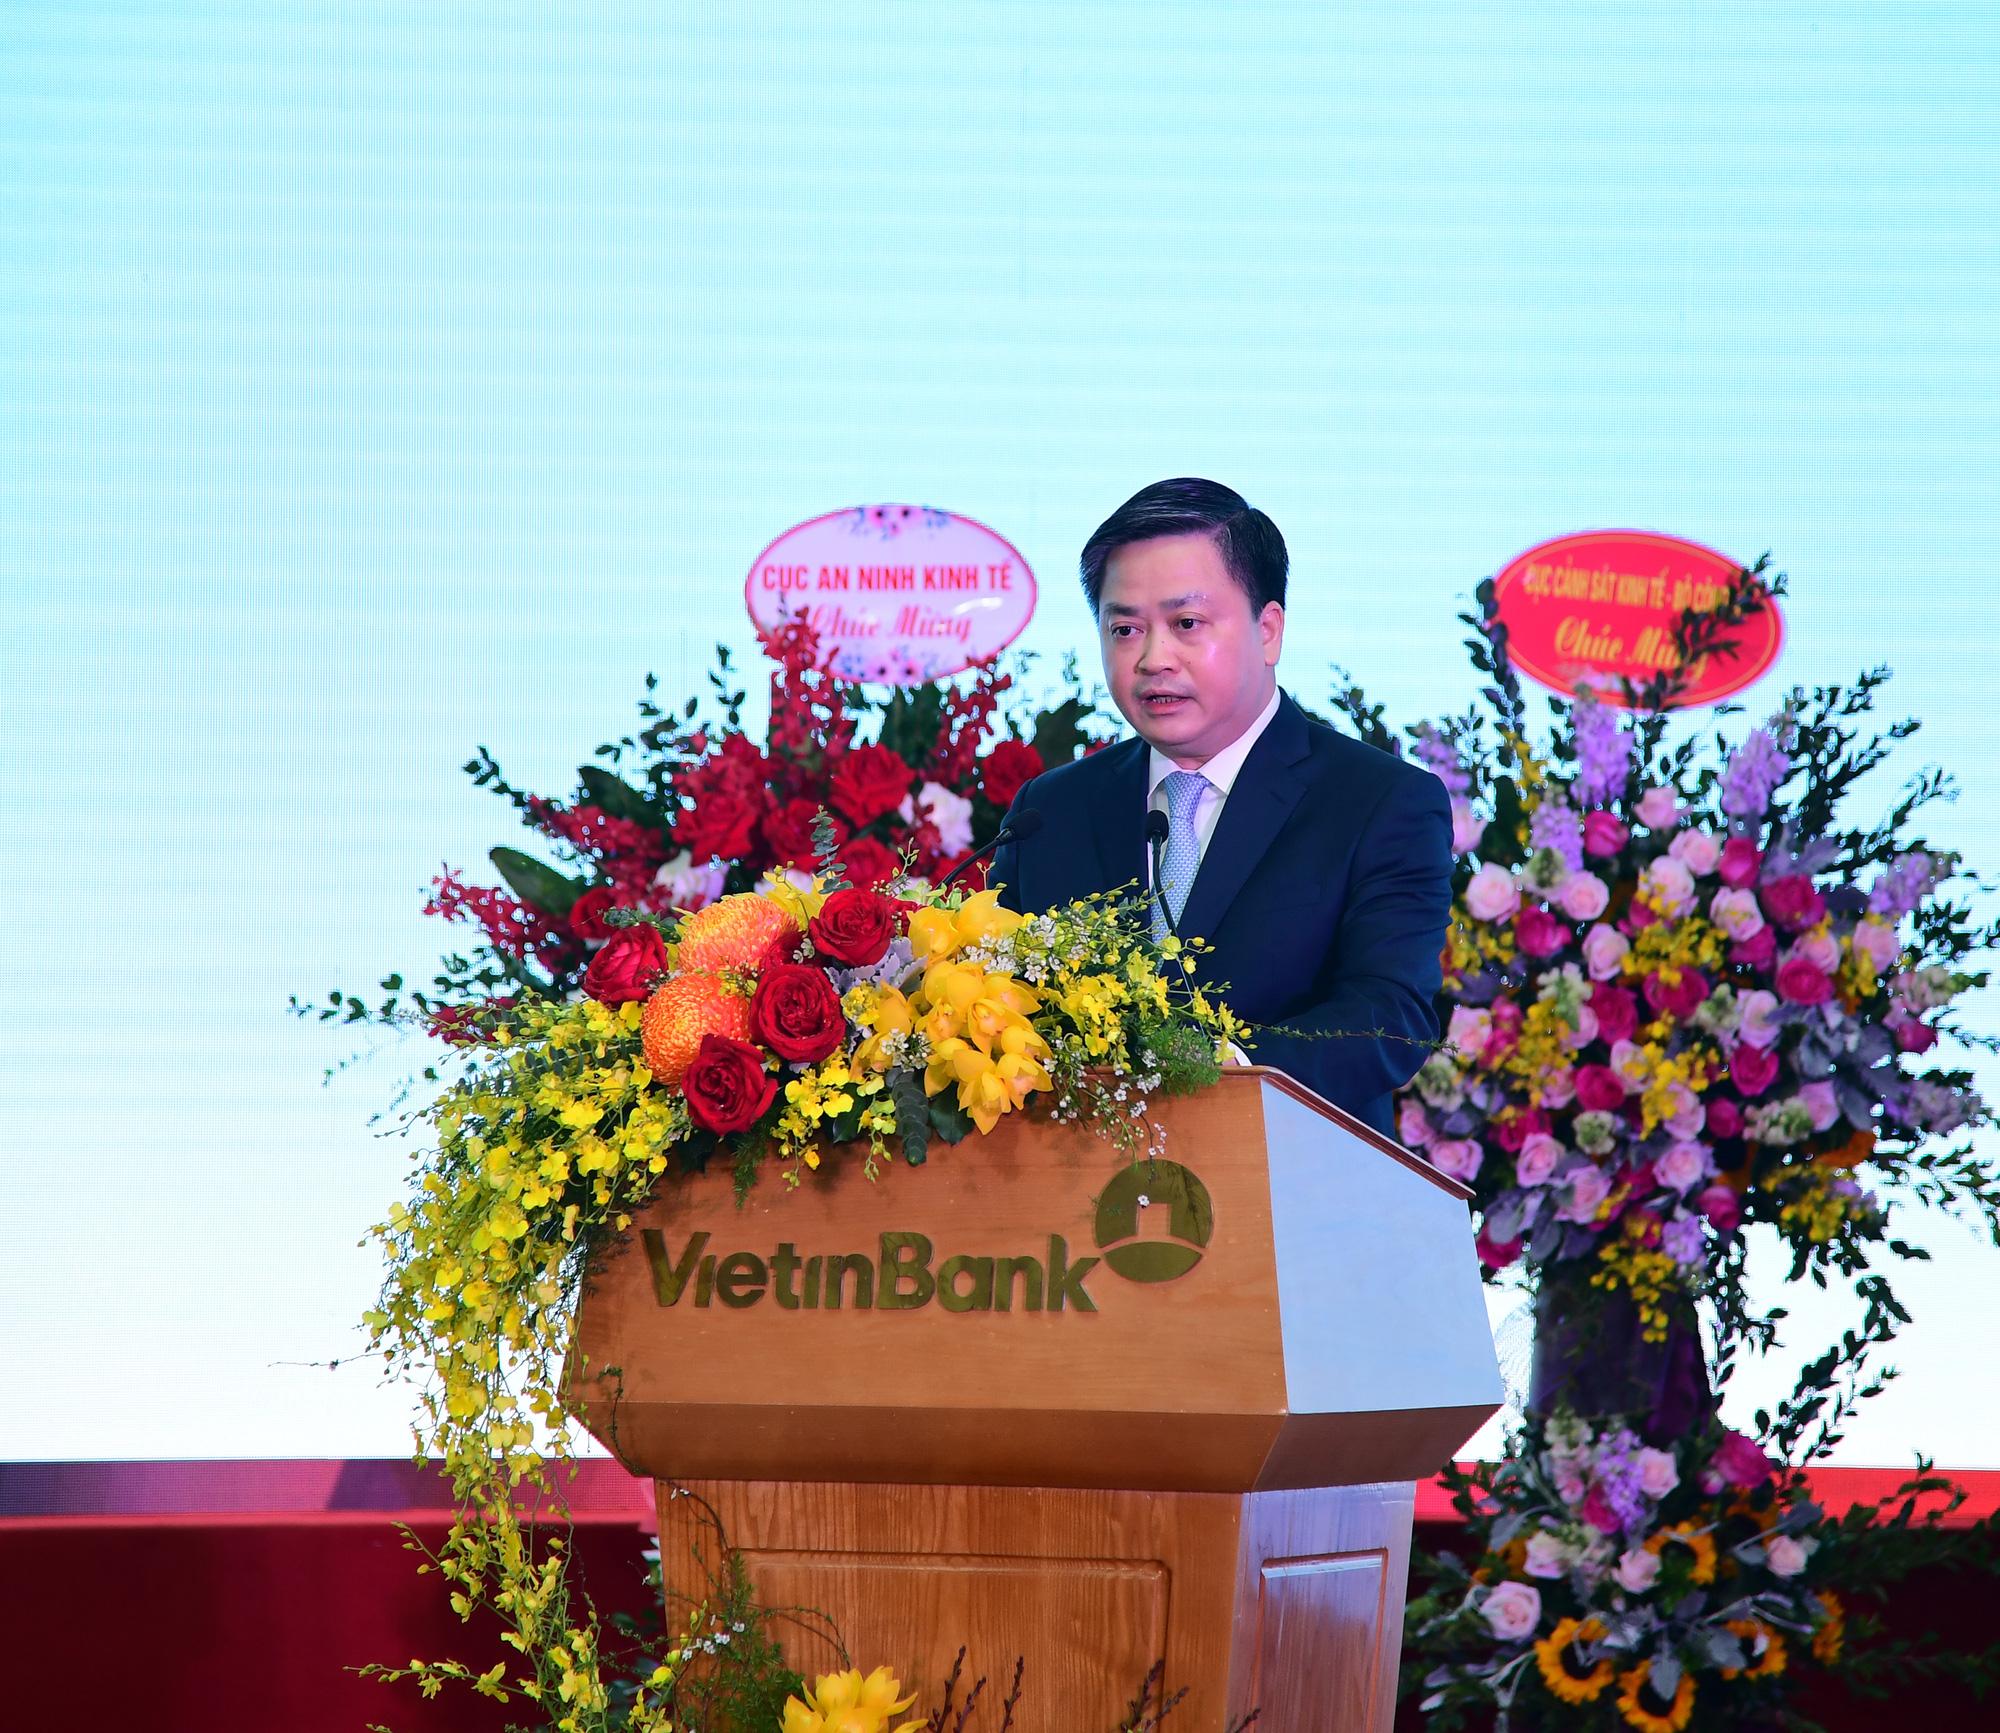 Nợ xấu của VietinBank bất ngờ về dưới 1%, cổ phiếu kịch trần - Ảnh 2.